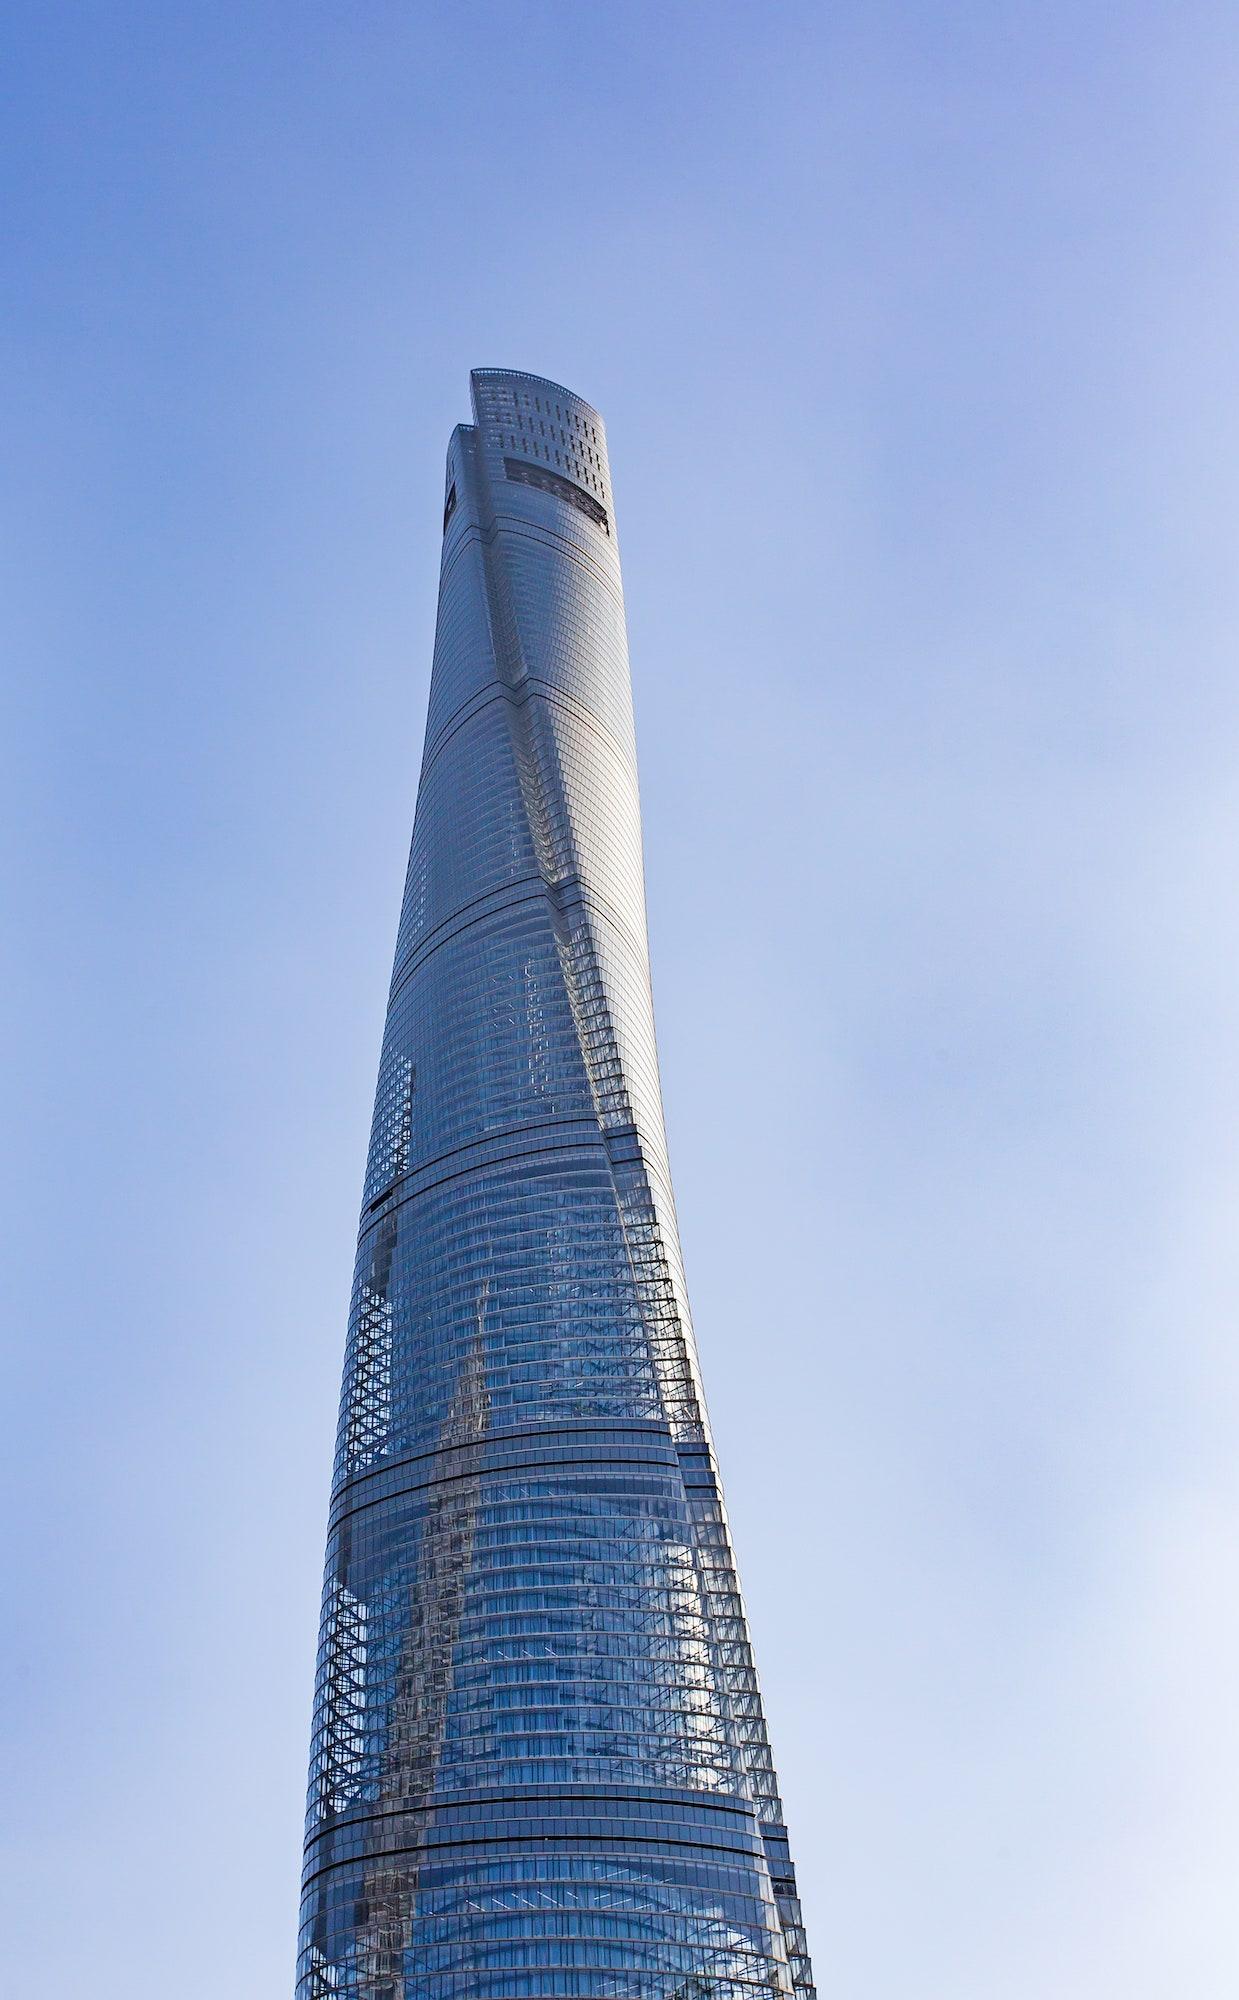 Shanghai Tower | Source: architecturaldigest.com